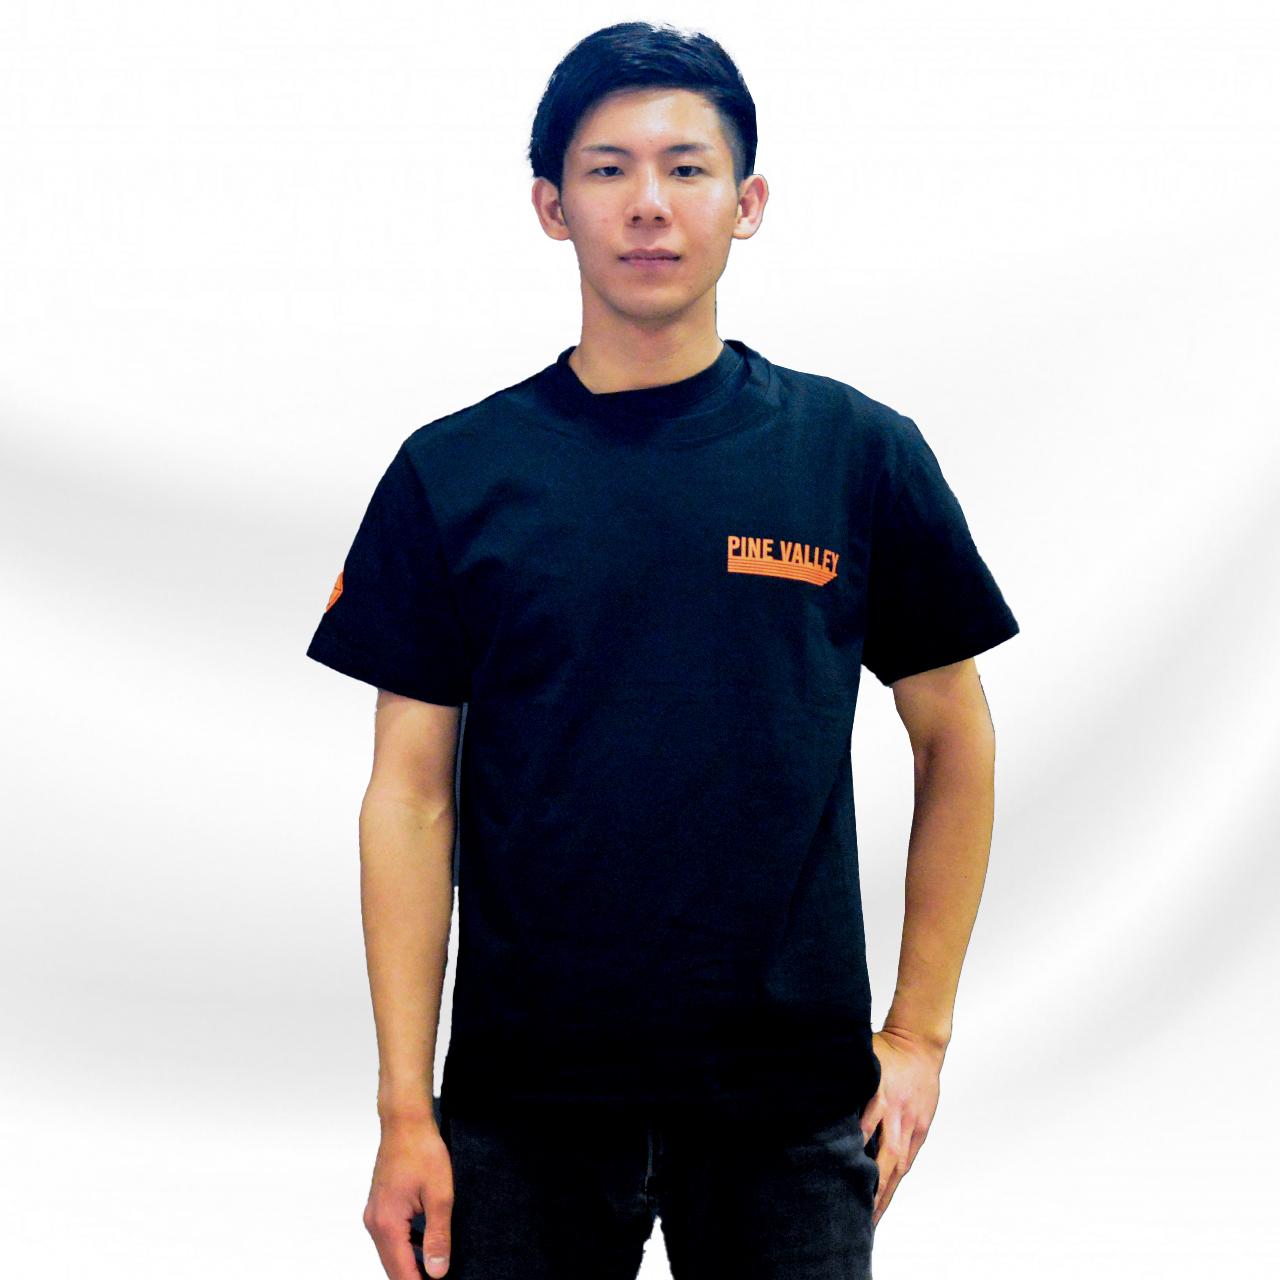 パインバレー■G★コラボTシャツ第4弾 スタンダードモデル ブラック/オレンジ